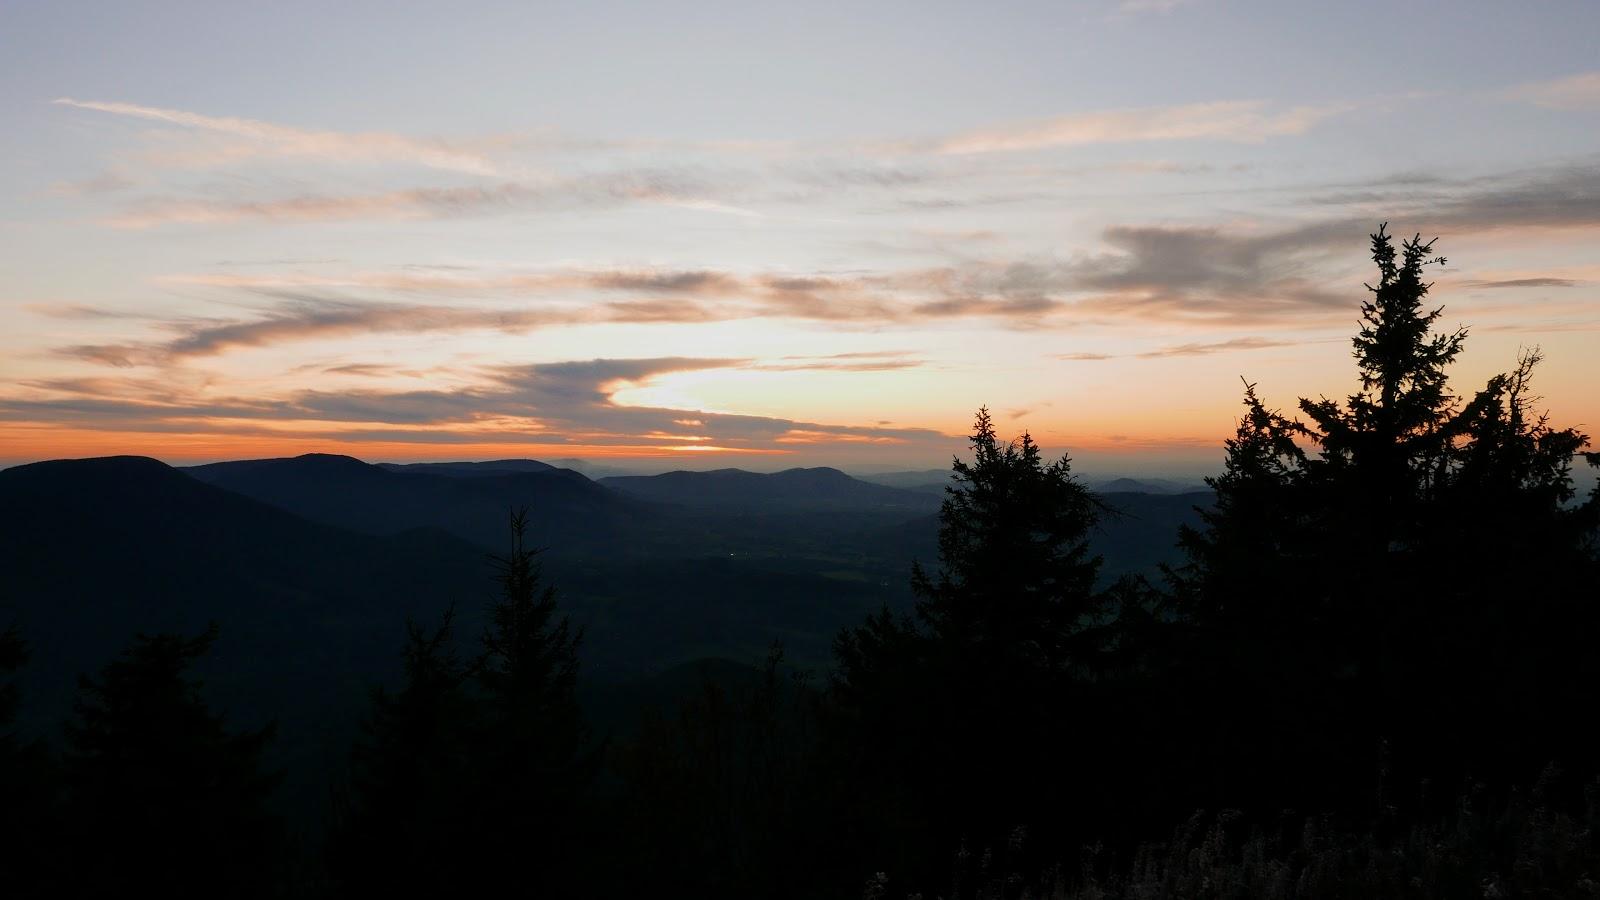 Lysa hora zachod slonca, lysa hora zapad slunce